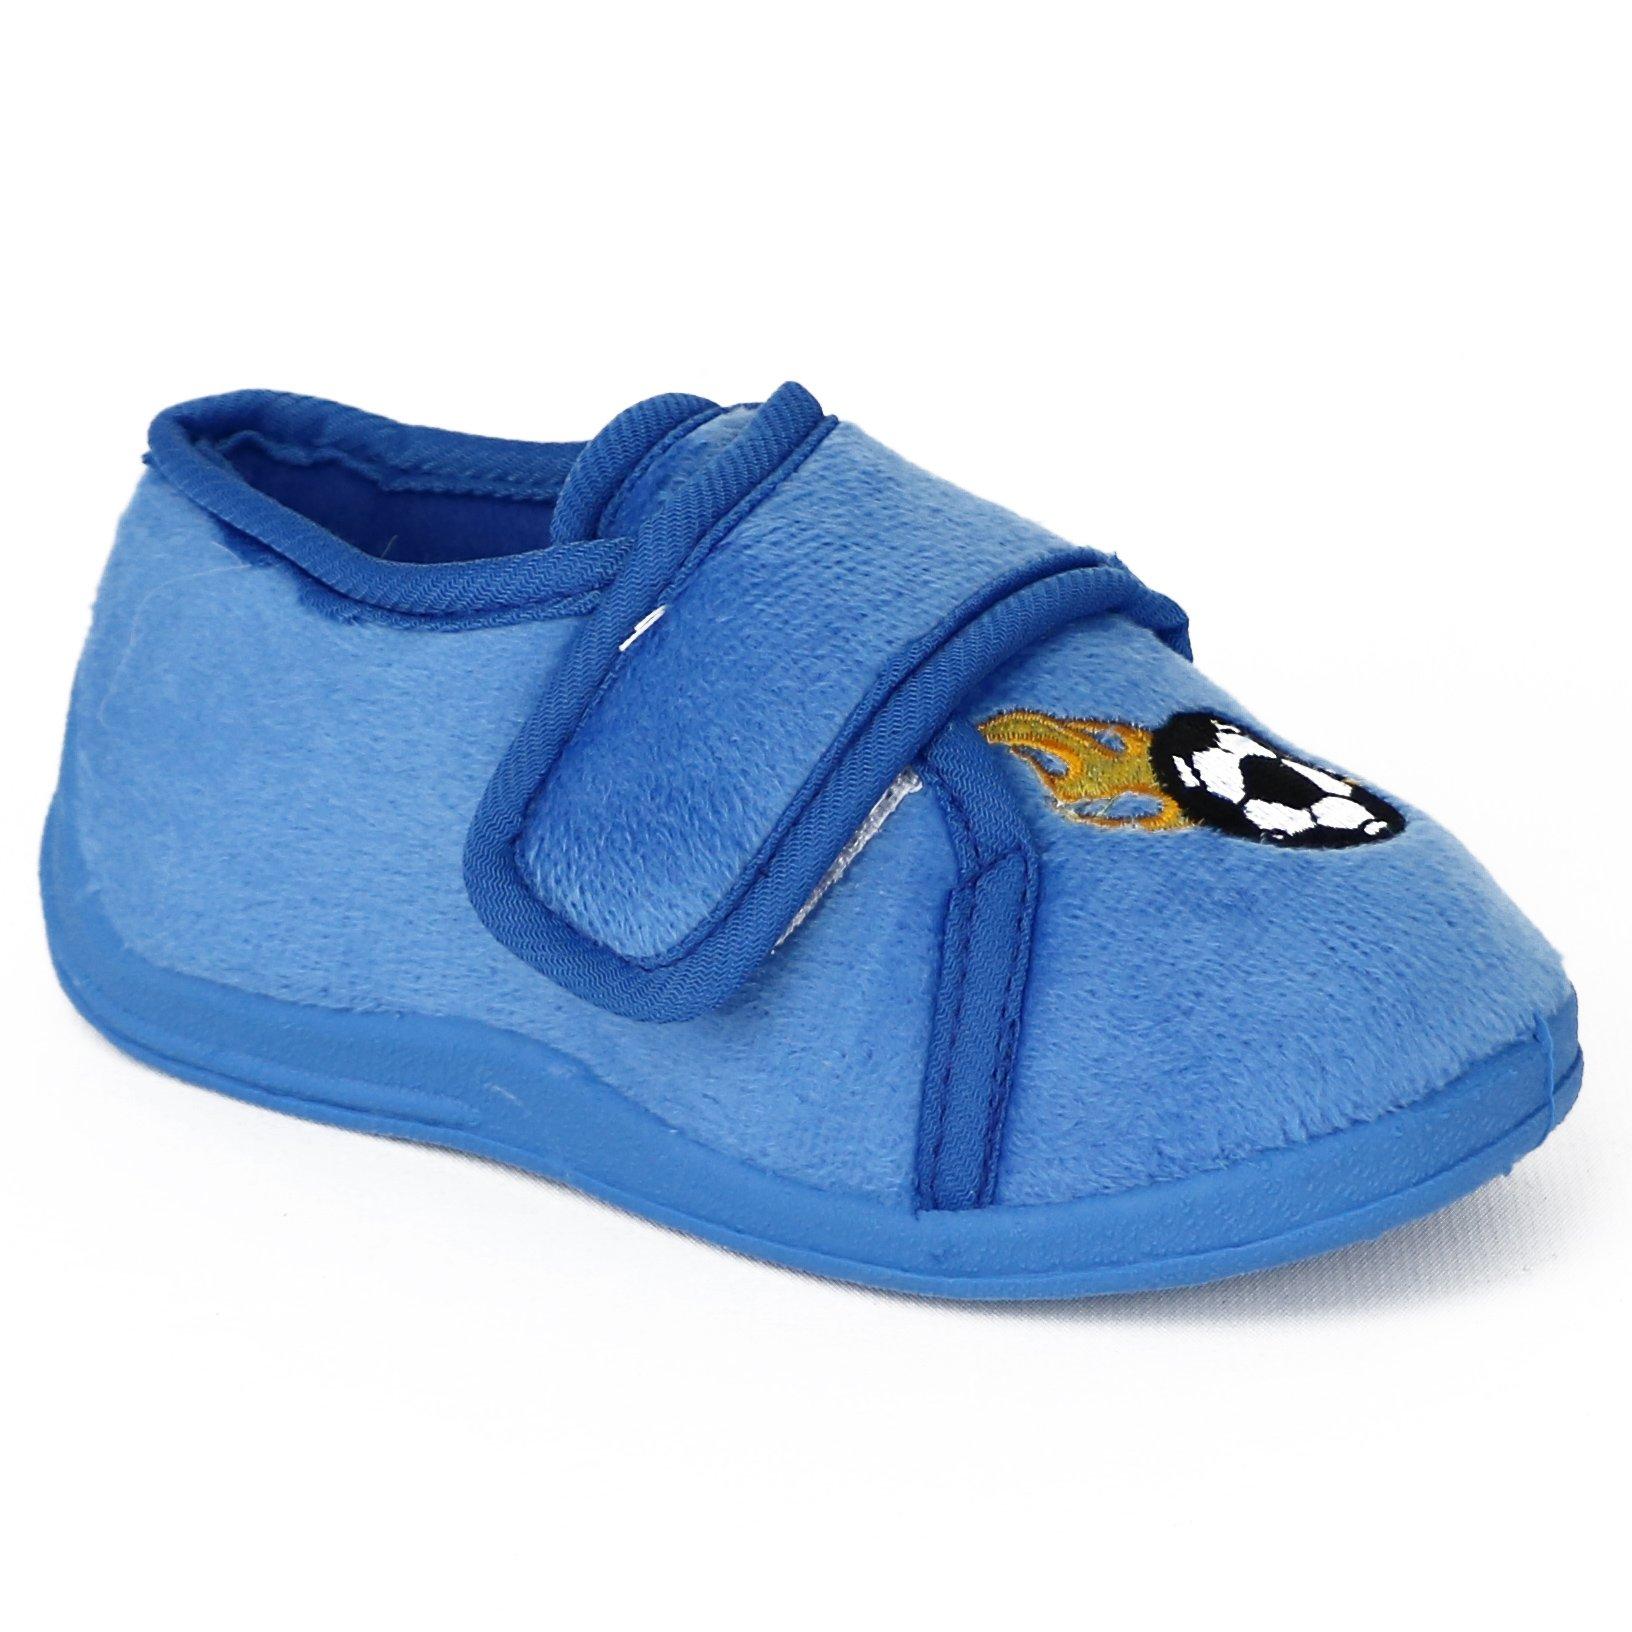 Zac & Evan Little Boys' Plush Sports Slippers (11-12 M US Toddler, Blue Soccer)